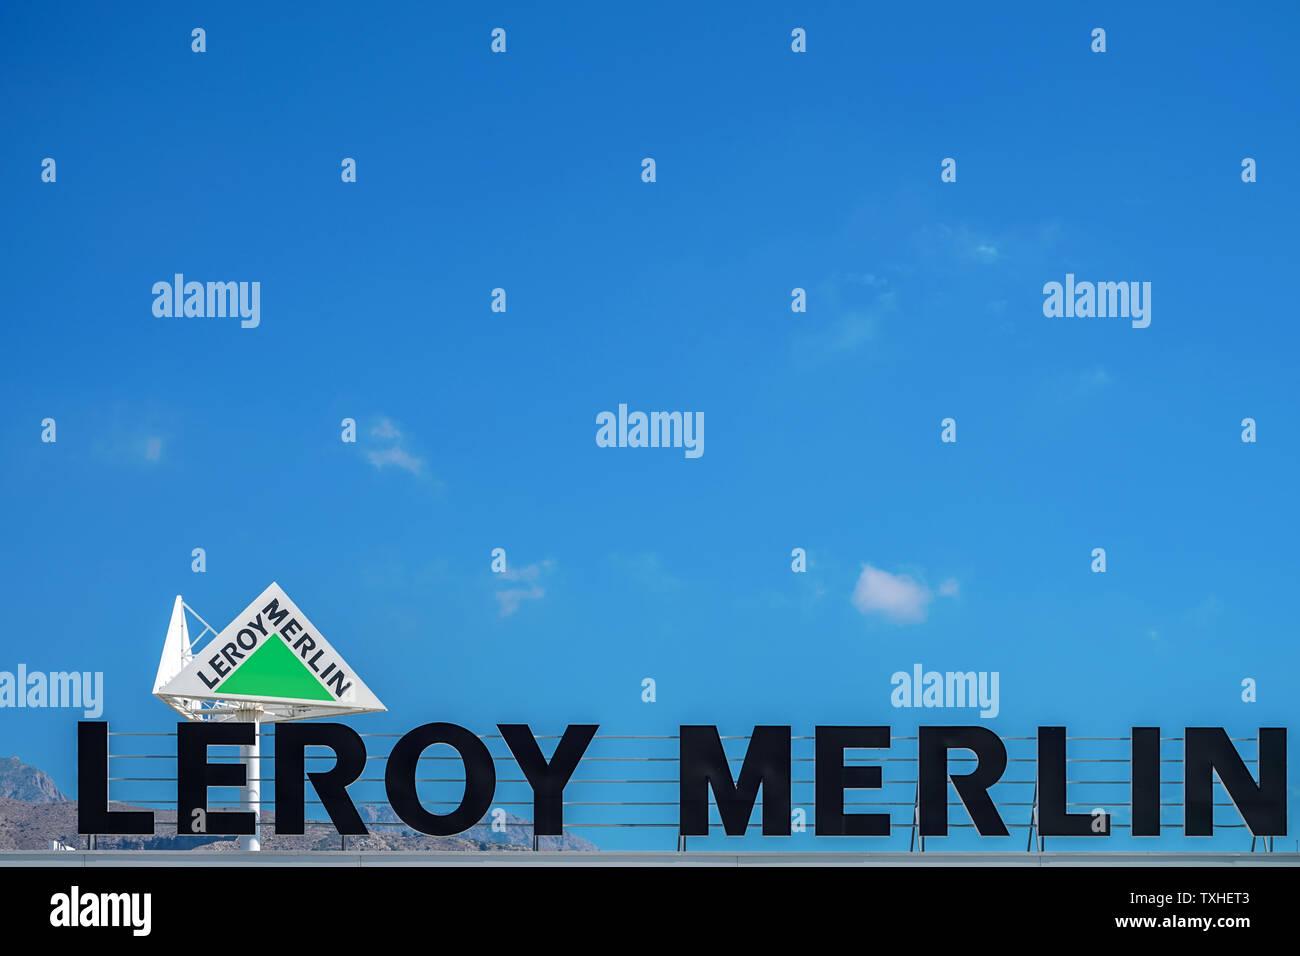 Finestrat Spanien 18 Juni 2019 Leroy Merlin Marke